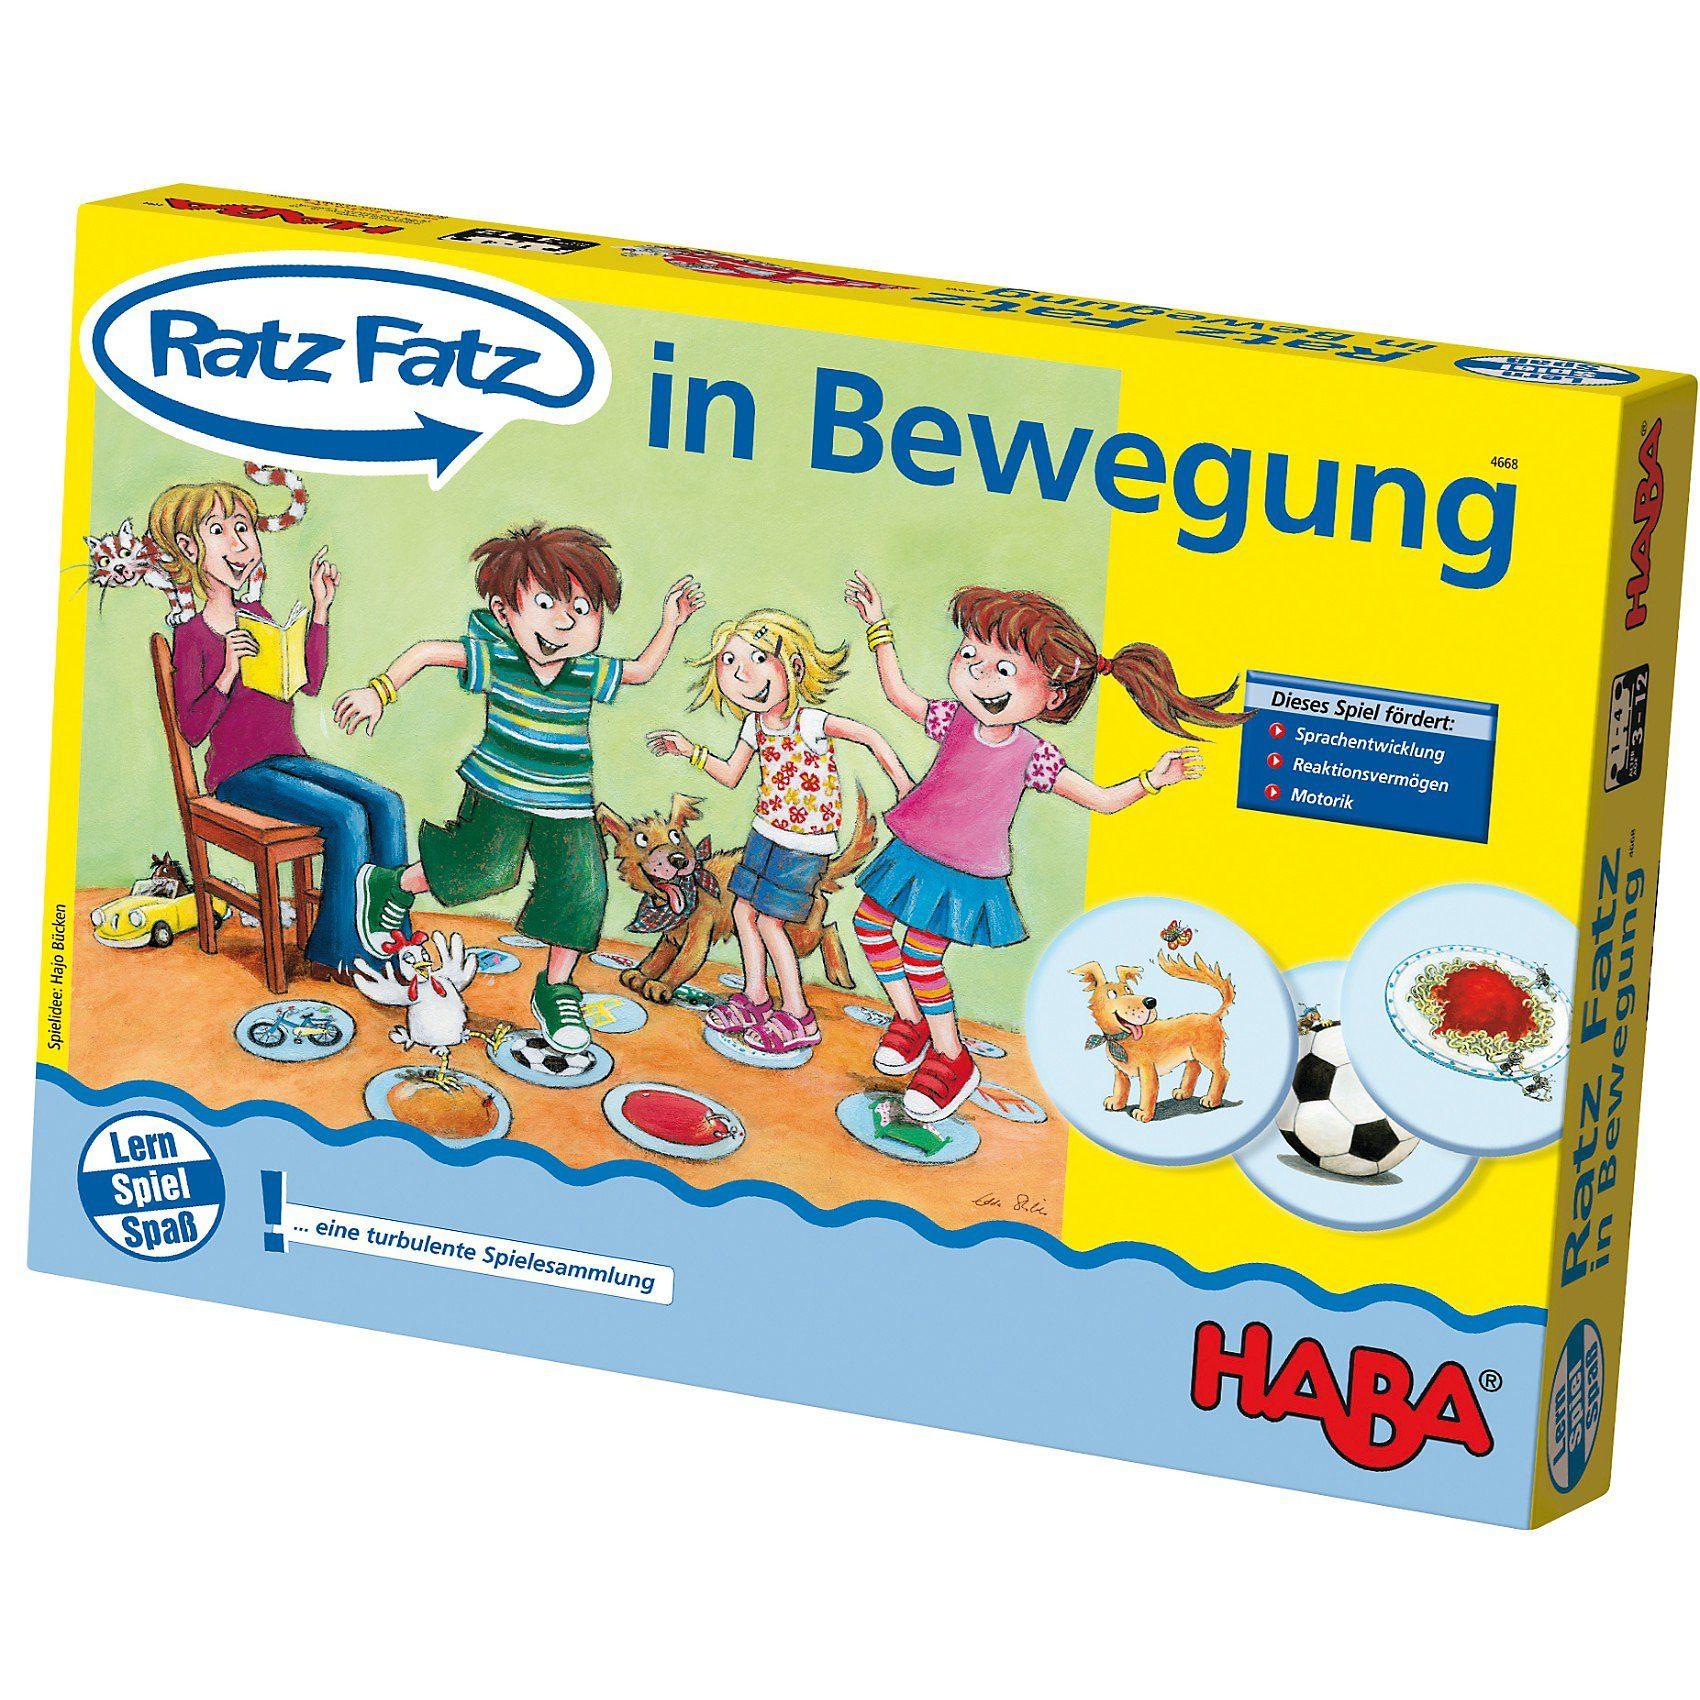 Haba Ratz-Fatz in Bewegung